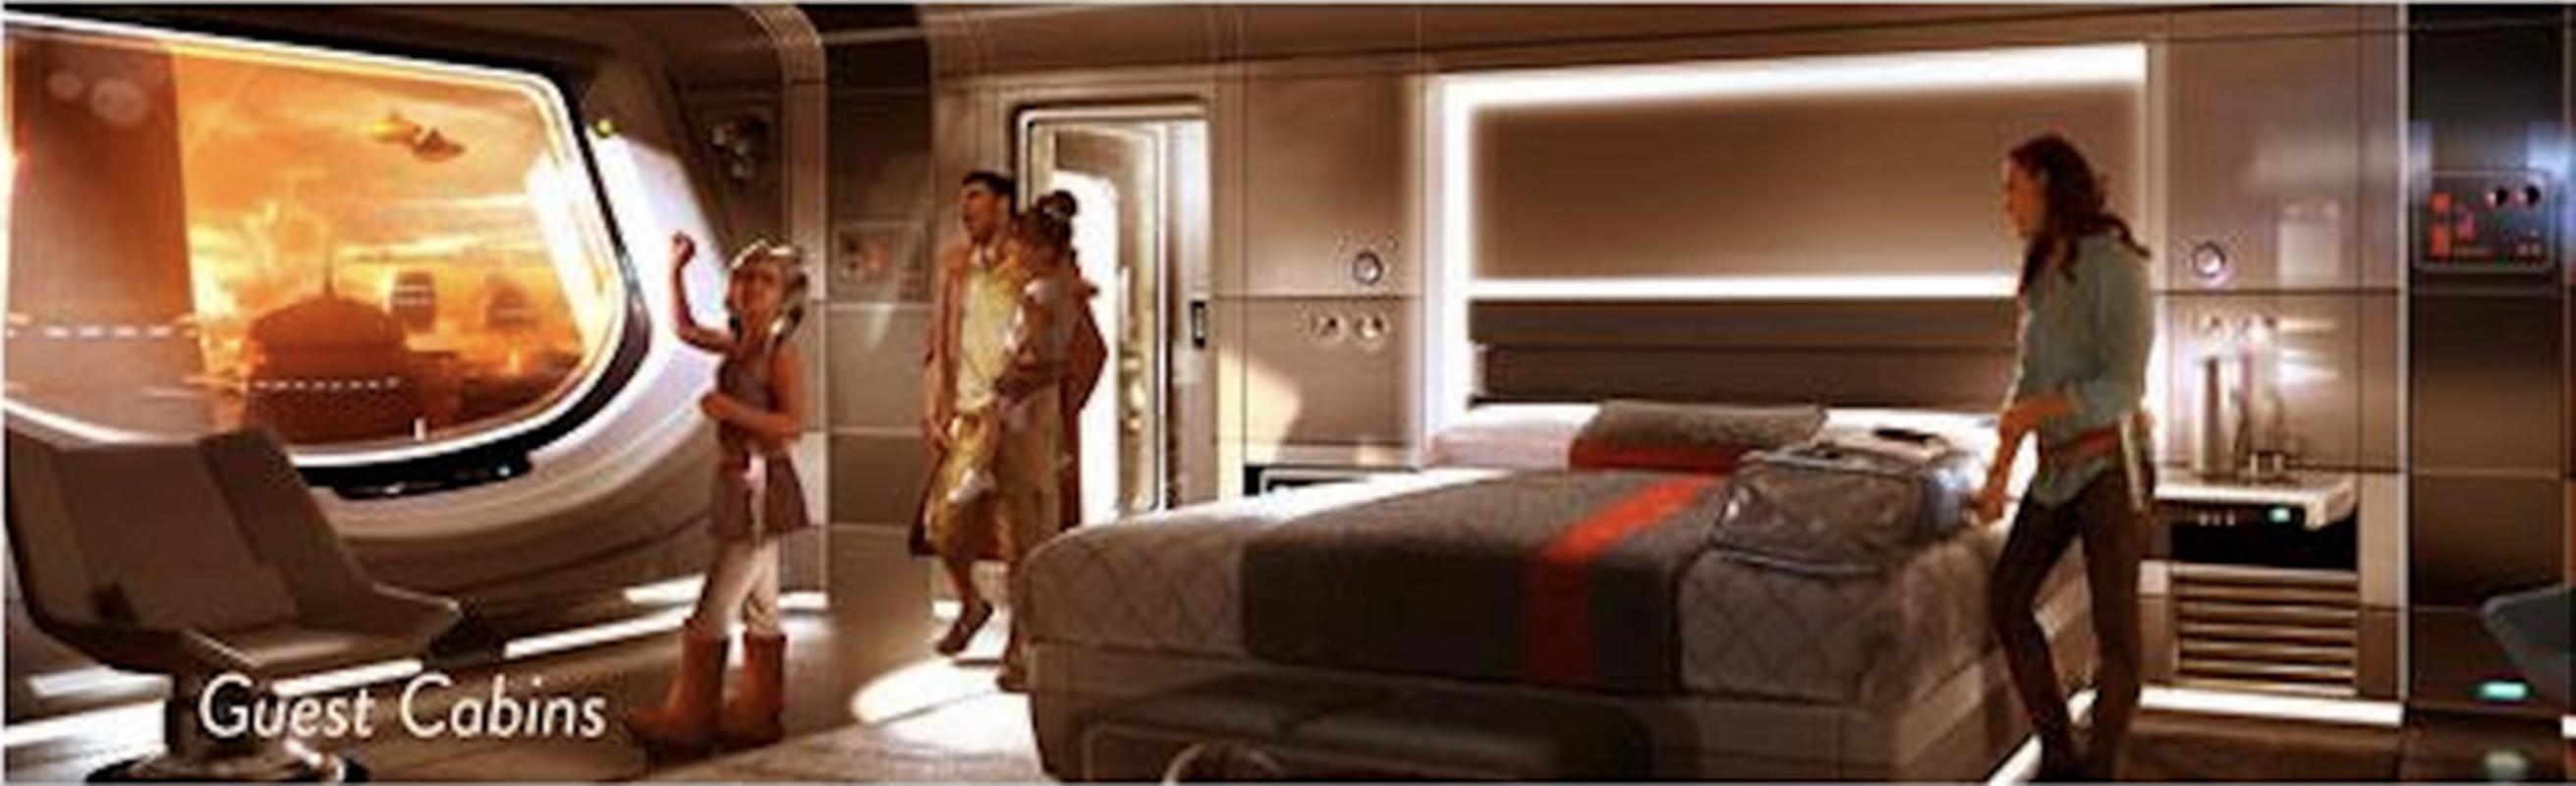 Wizualizacja pokoju gościnnego w hotelu na terenie Star Wars Land